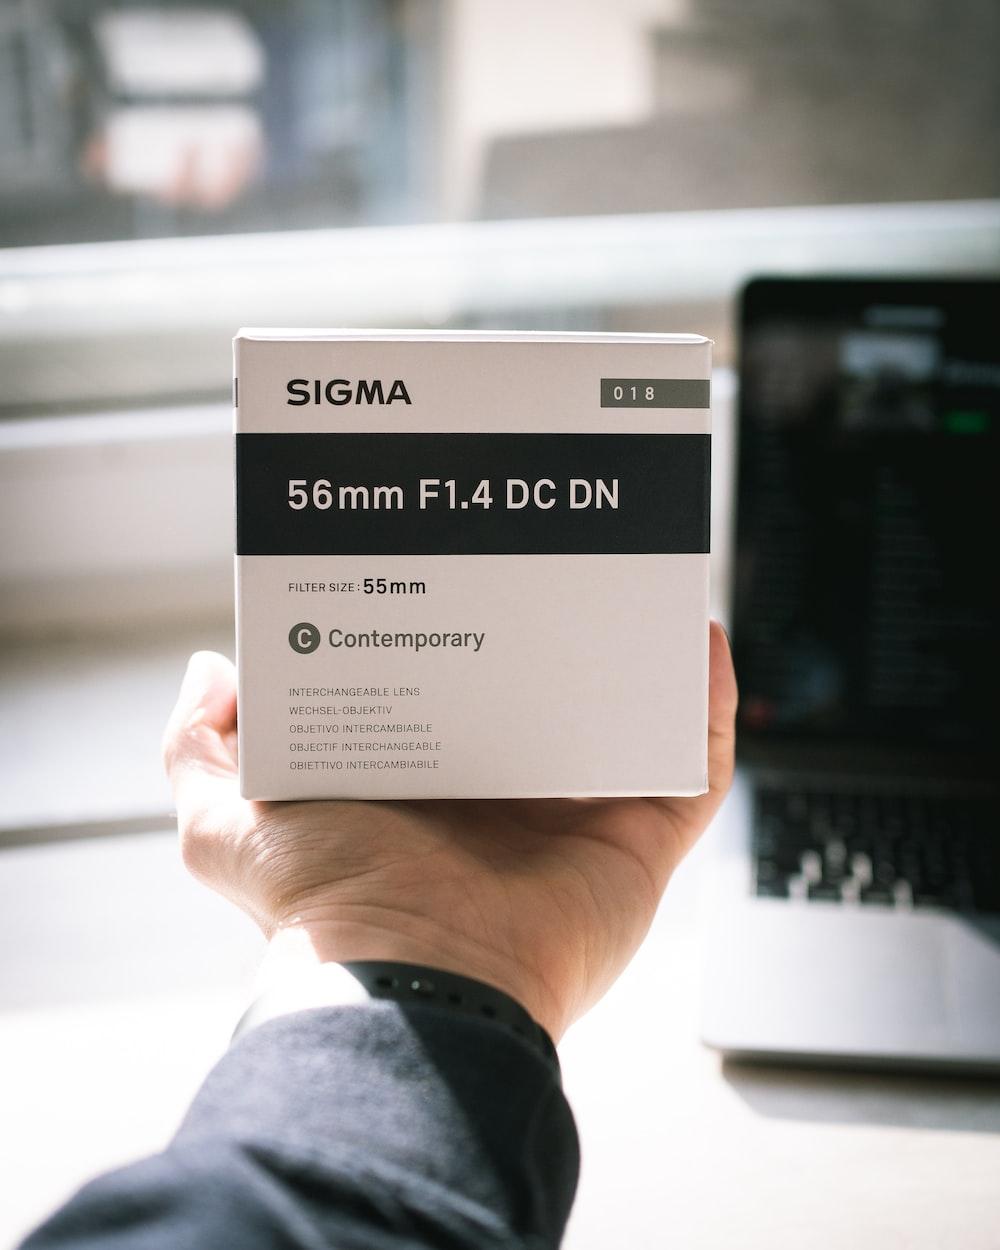 person holding Sigma 55 mm F1.4 DC DN box